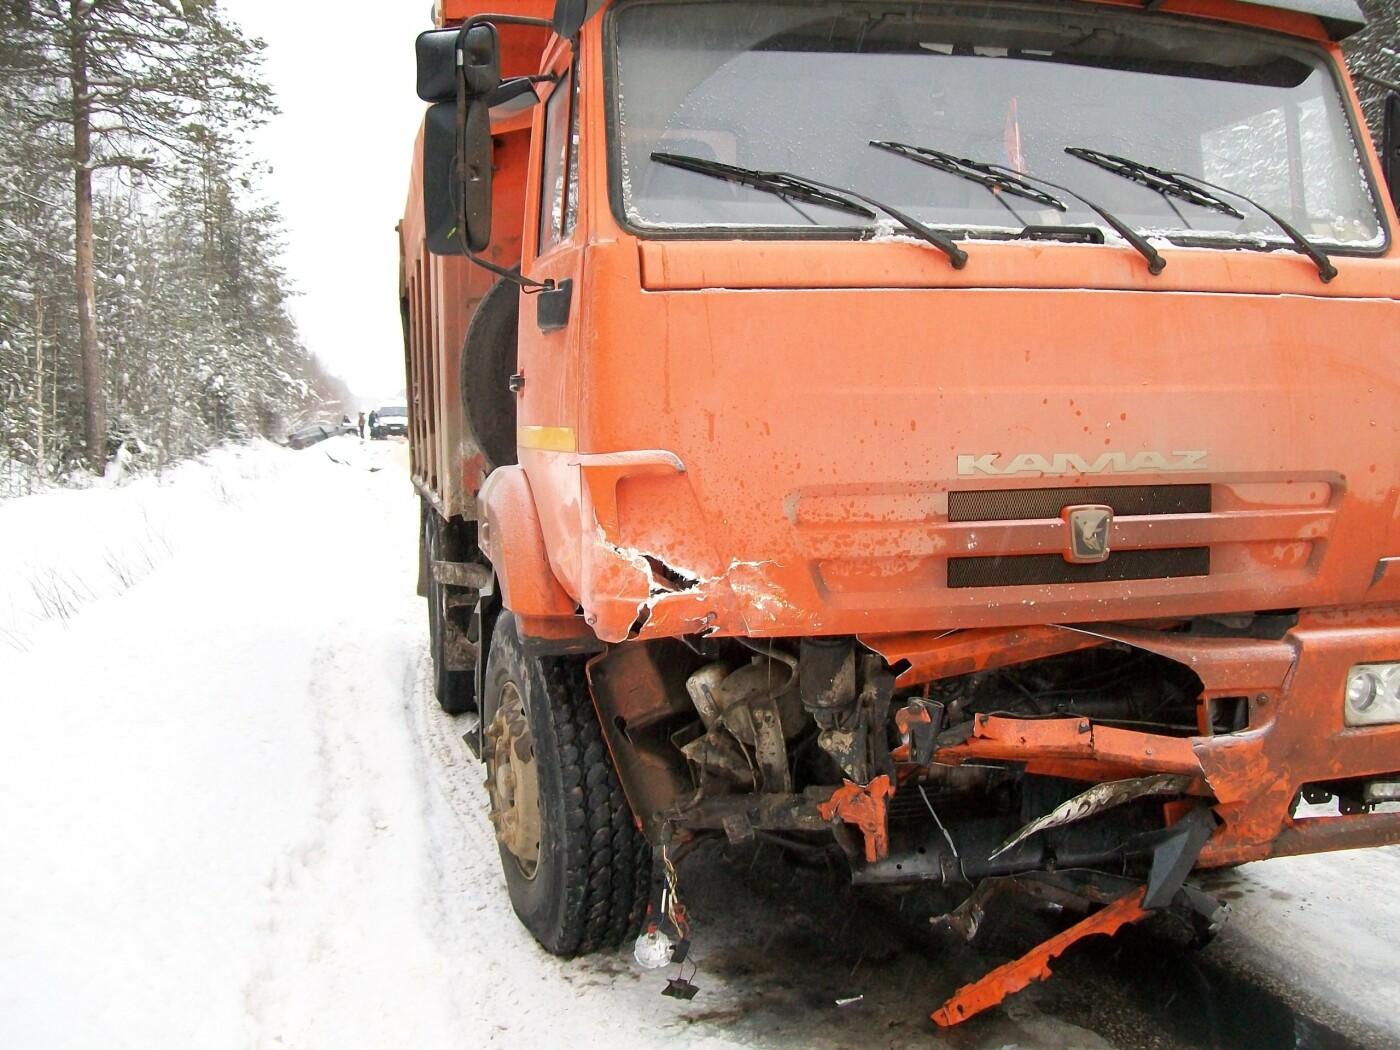 Транспортные средства после столкновения на пригородной трассе между Ухтой и посёлком Ярега. 13 января 2019 года